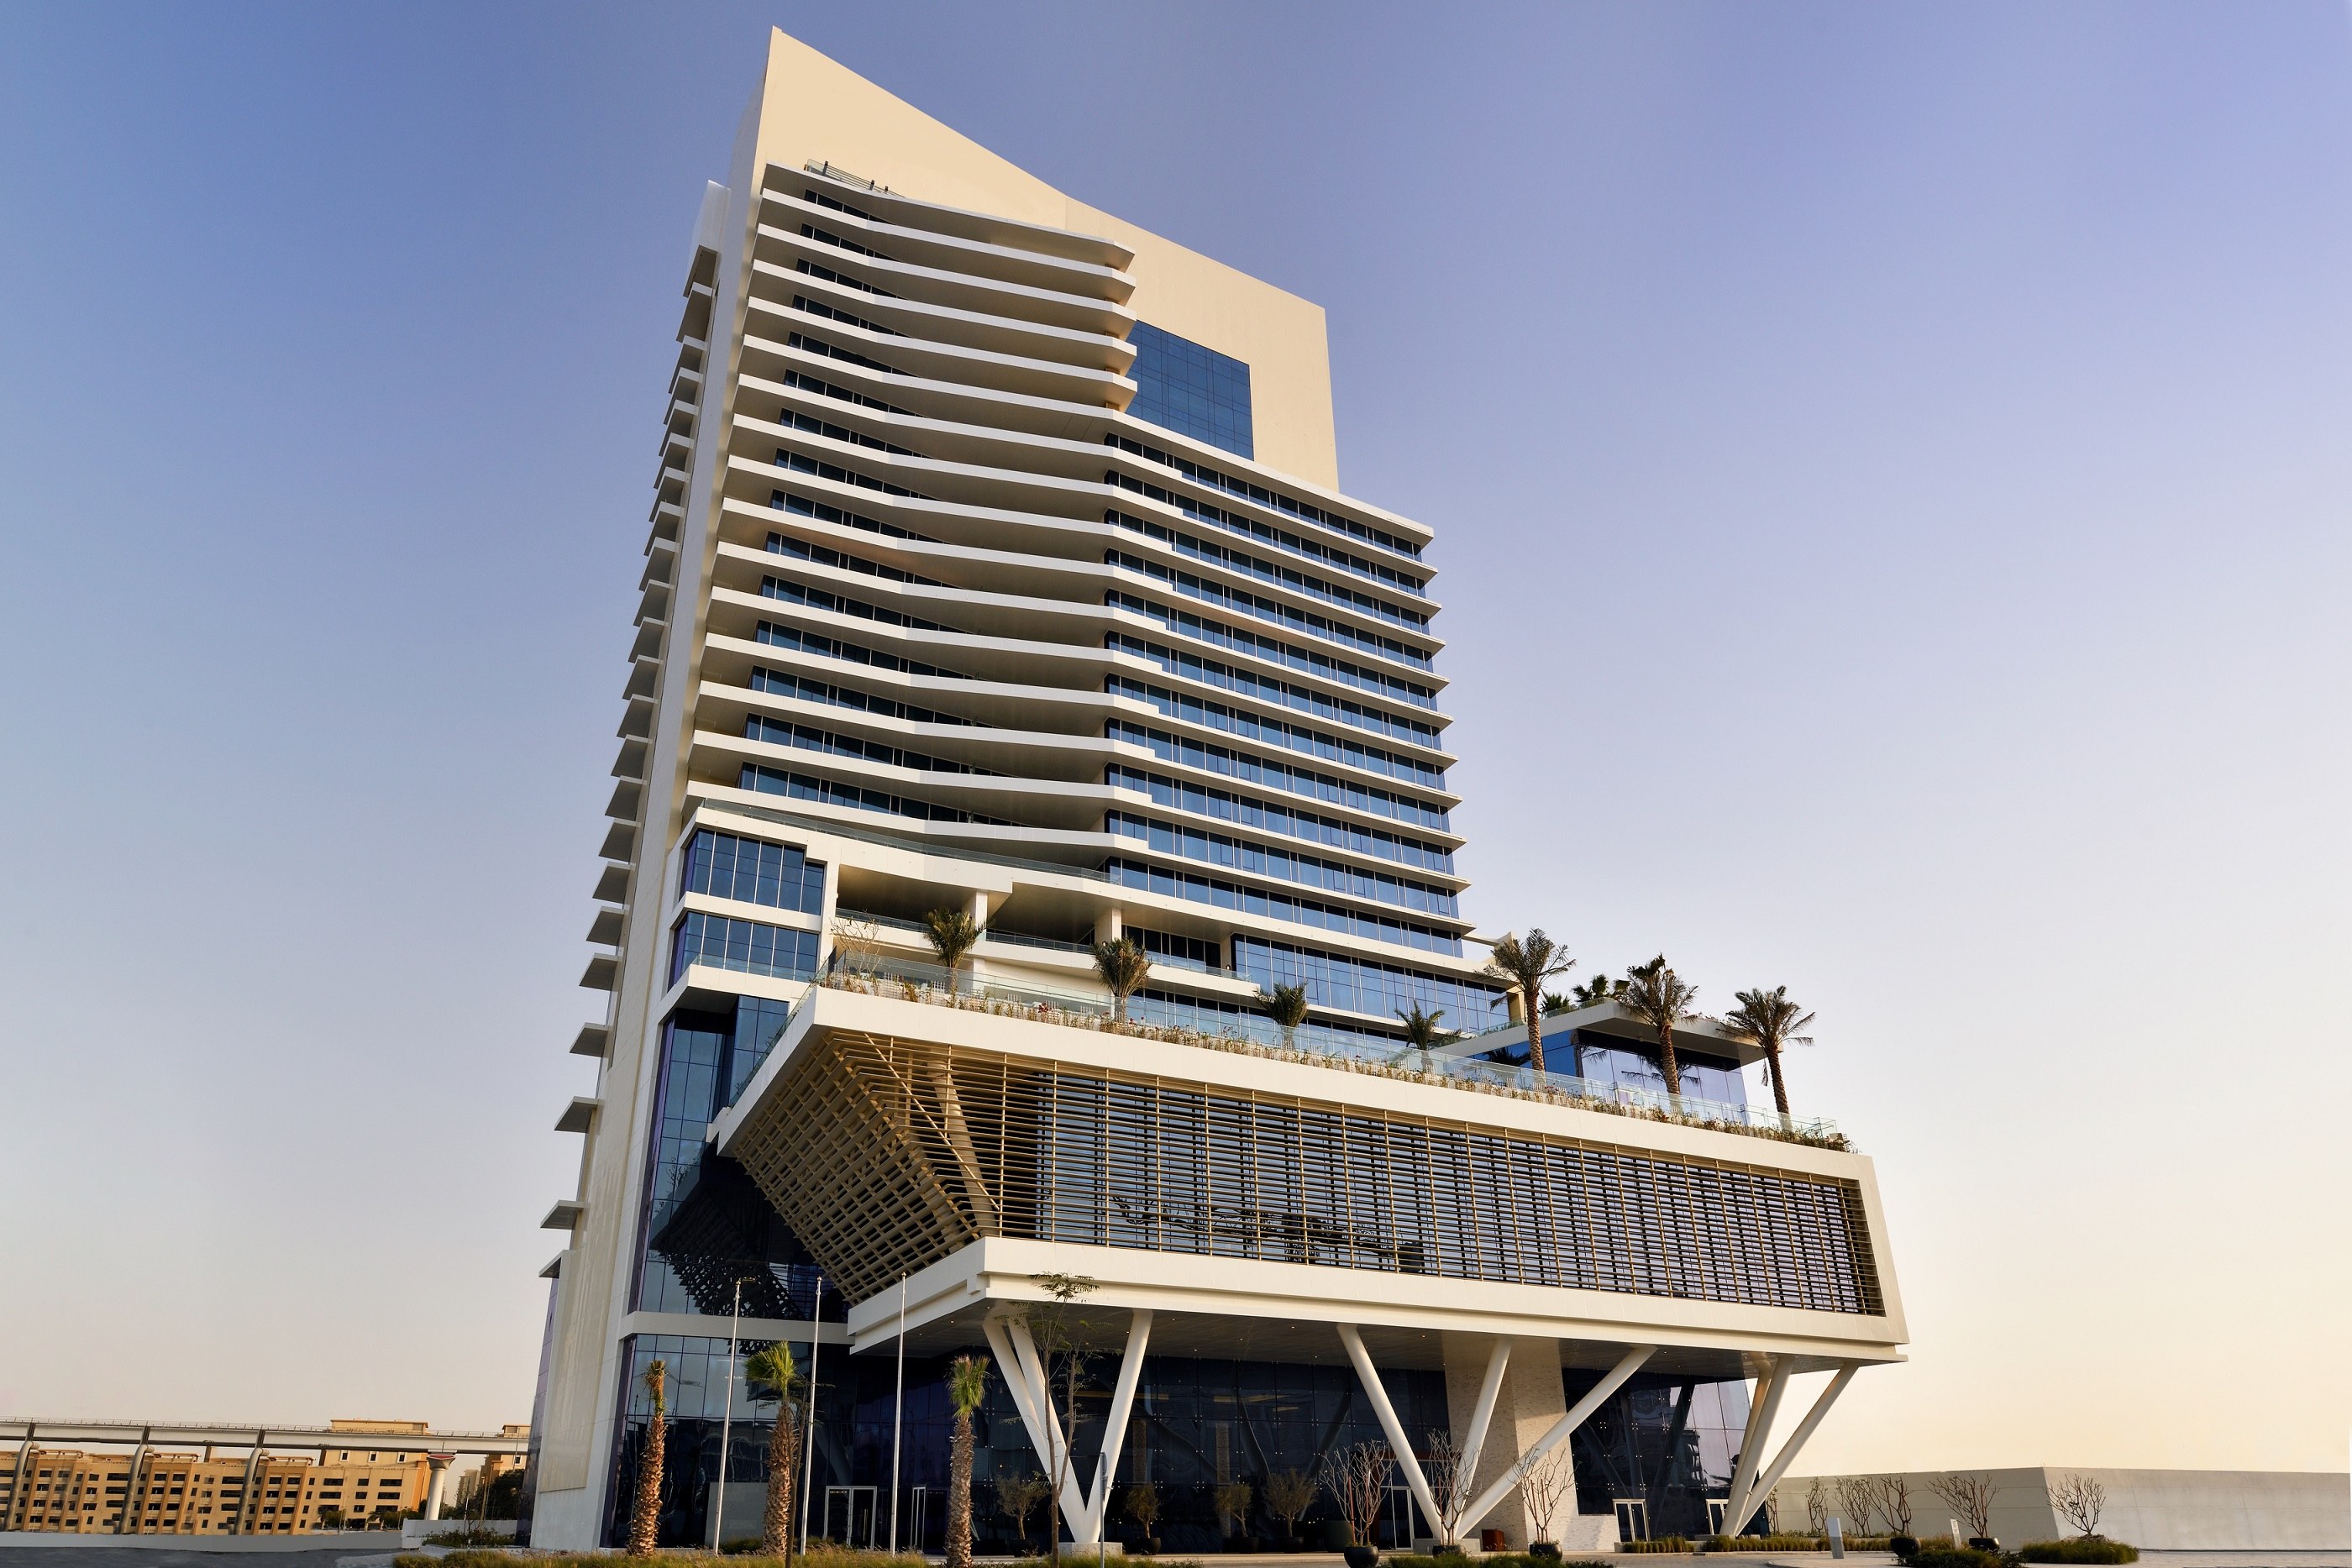 فندق جراند بلازا موڤنبيك مدينة دبي للإعلام